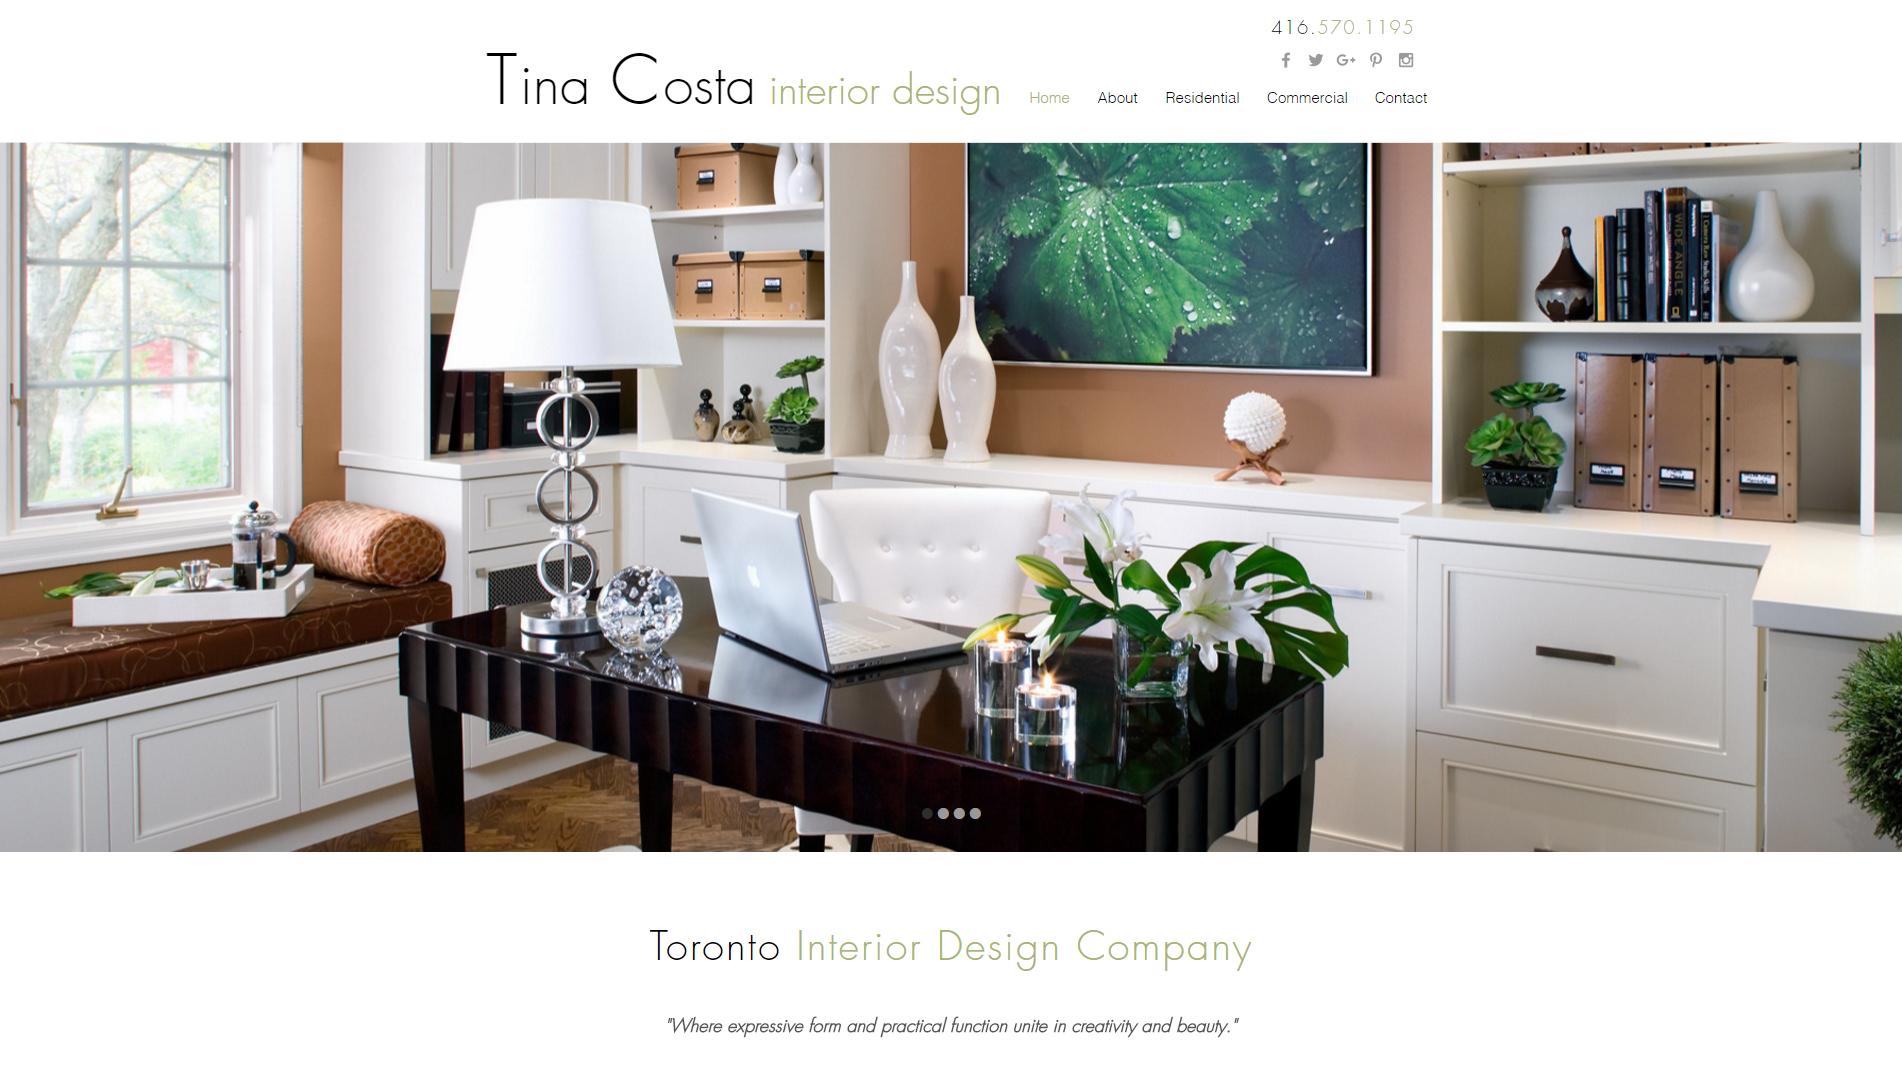 Tina Costa Interior Design